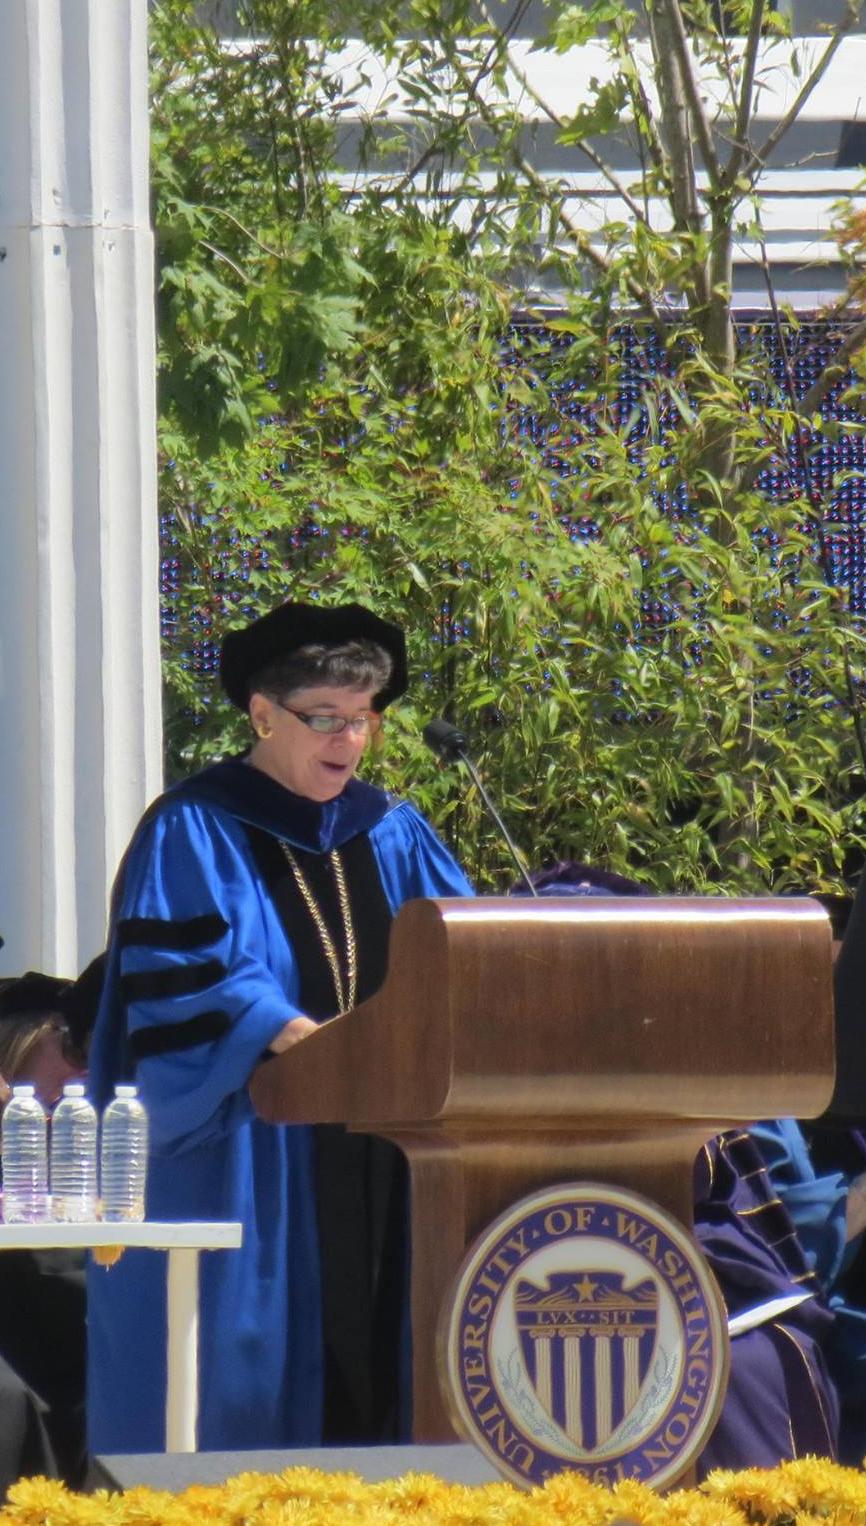 كلمة مديرة جامعة واشنطن المكلفة لعام ٢٠١٥